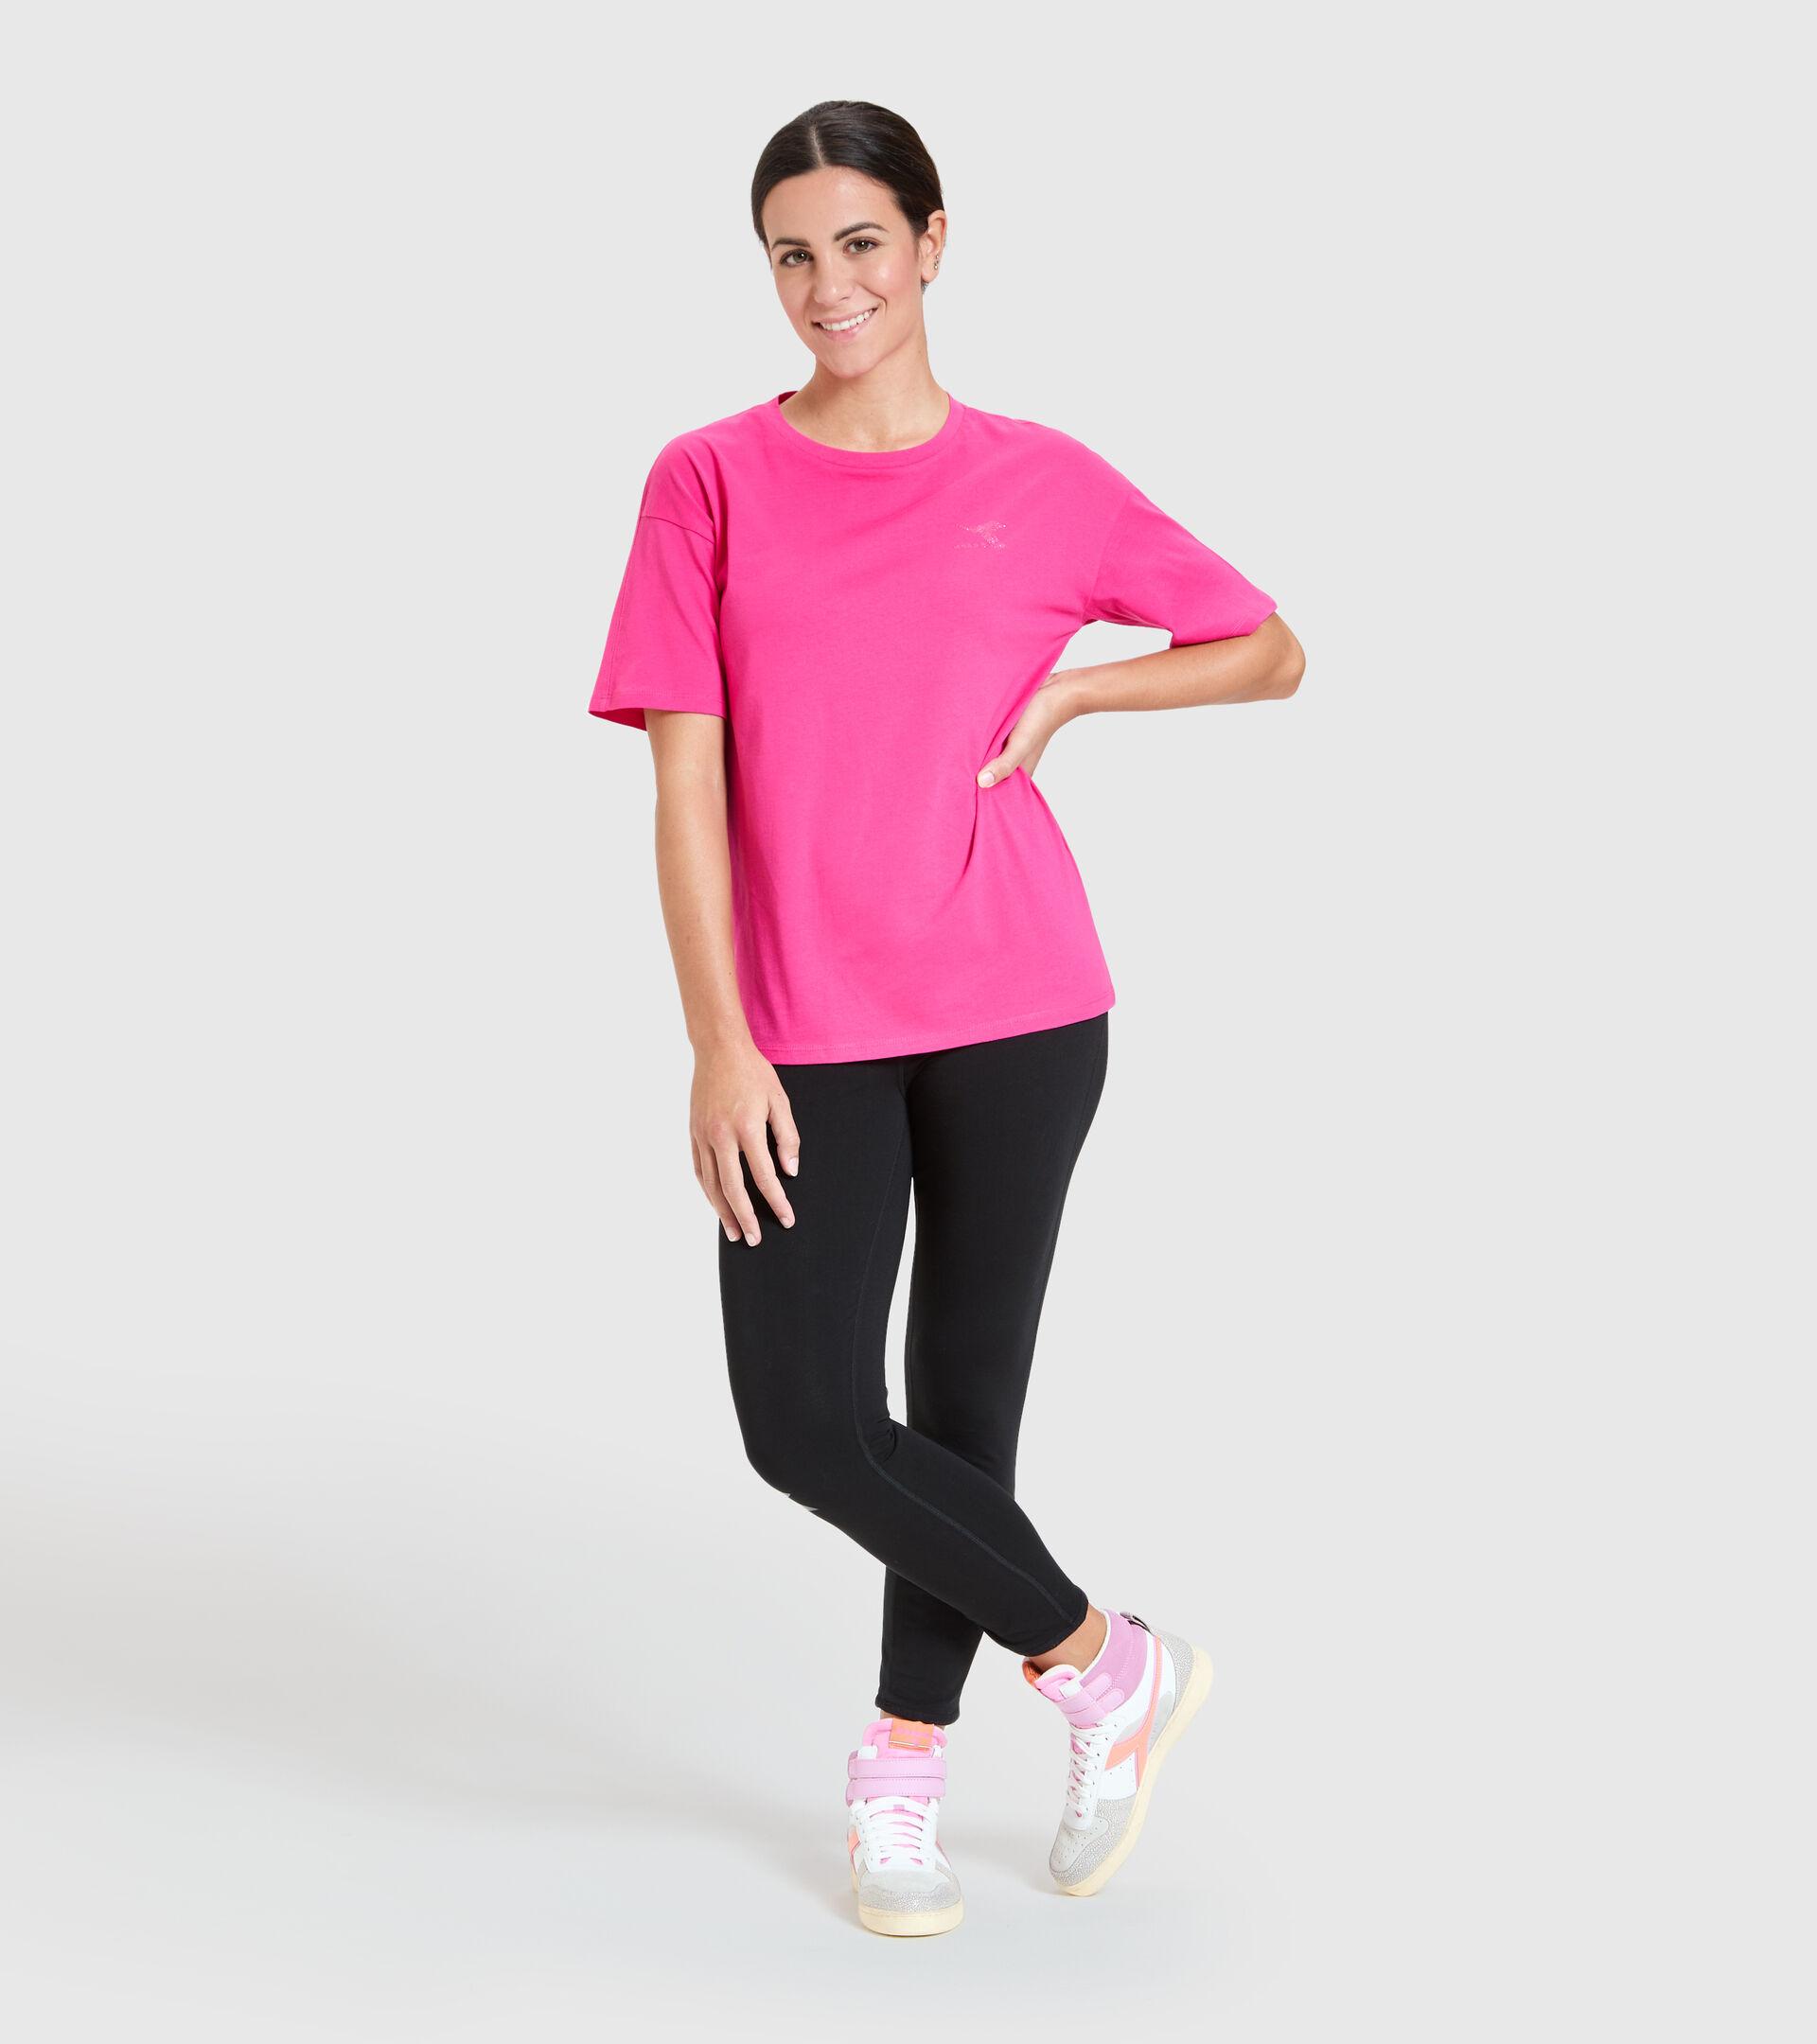 T-Shirt - Damen L.T-SHIRT SS BLINK MAGENTAROT - Diadora